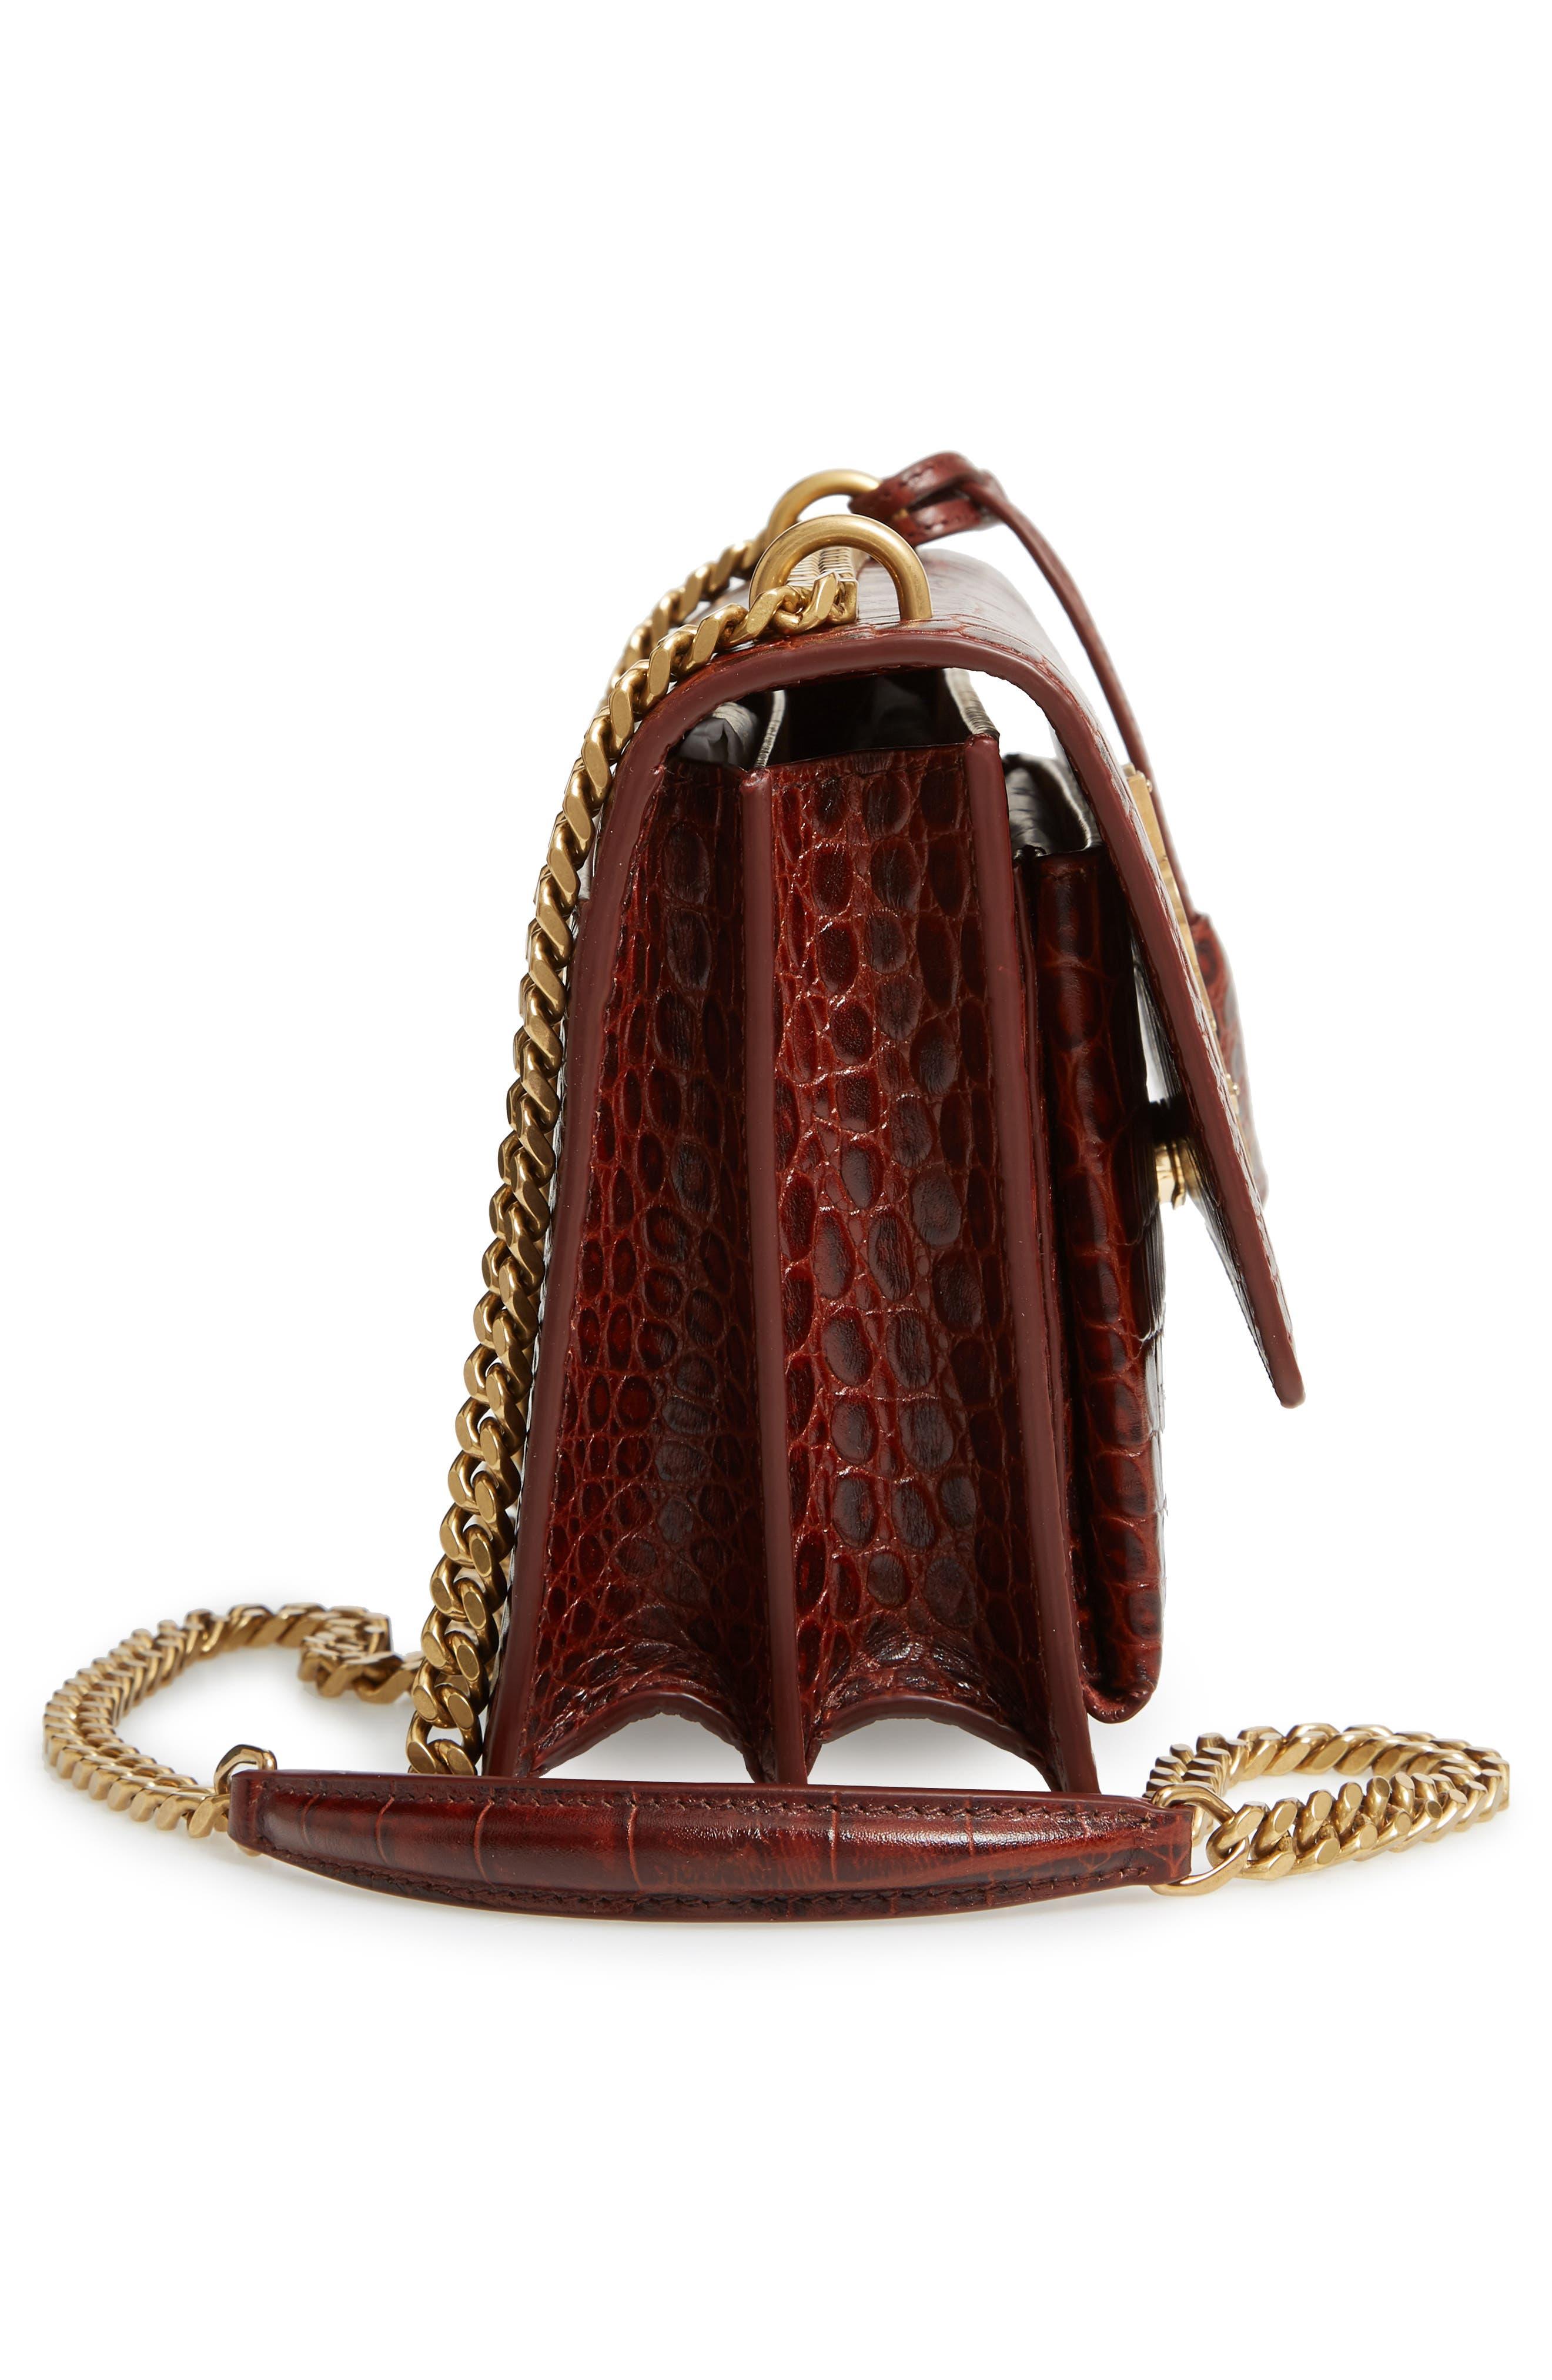 Medium Sunset Croc Embossed Leather Shoulder Bag,                             Alternate thumbnail 5, color,                             930